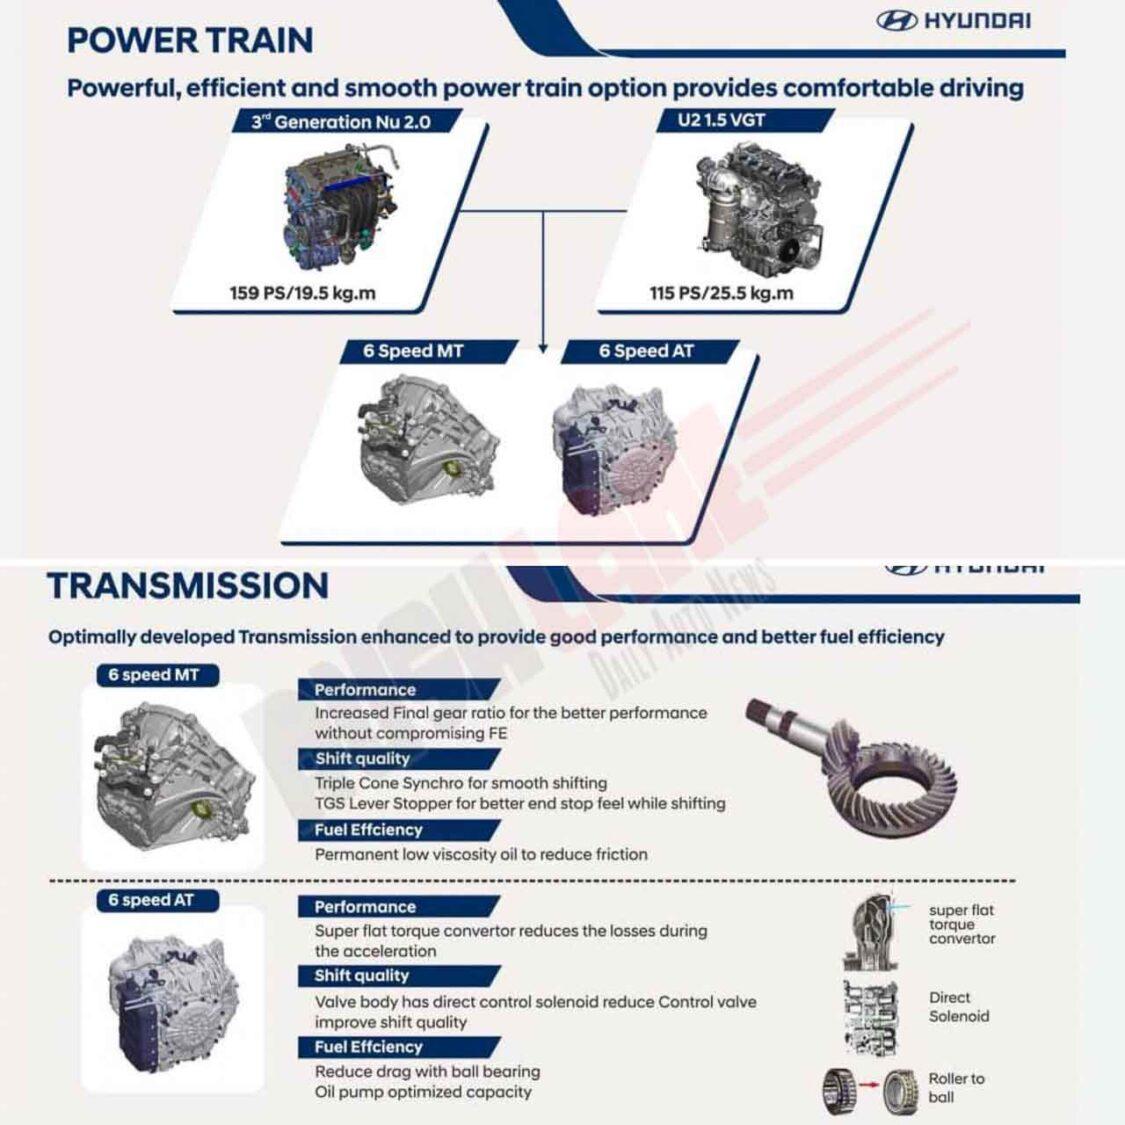 Hyundai Alcazar - Powertrain